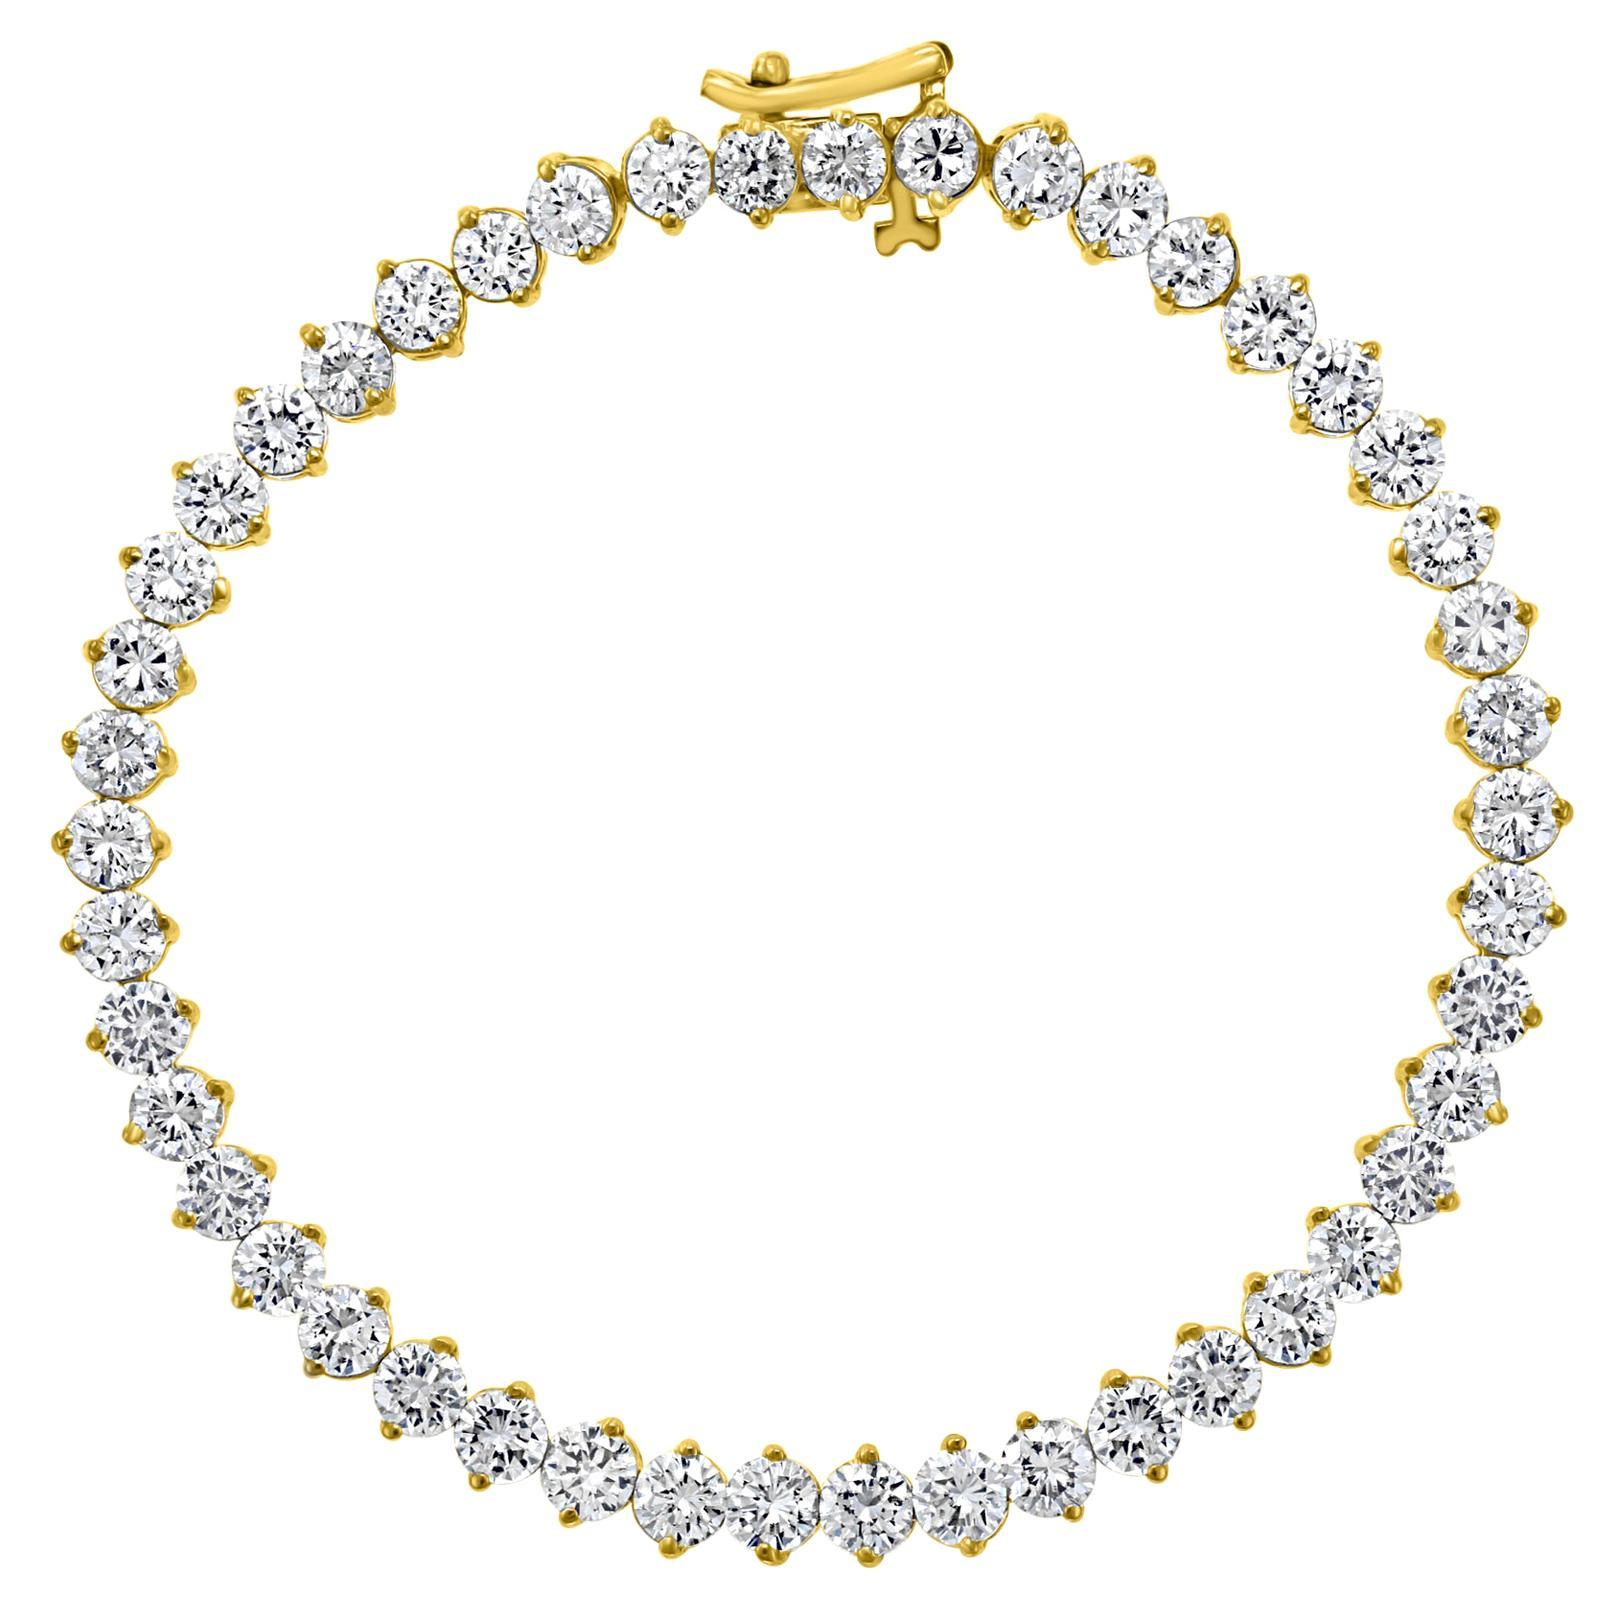 45 Round Diamond 25 Pointer Each Tennis Bracelet in 18 Karat Gold 11.25 Carat